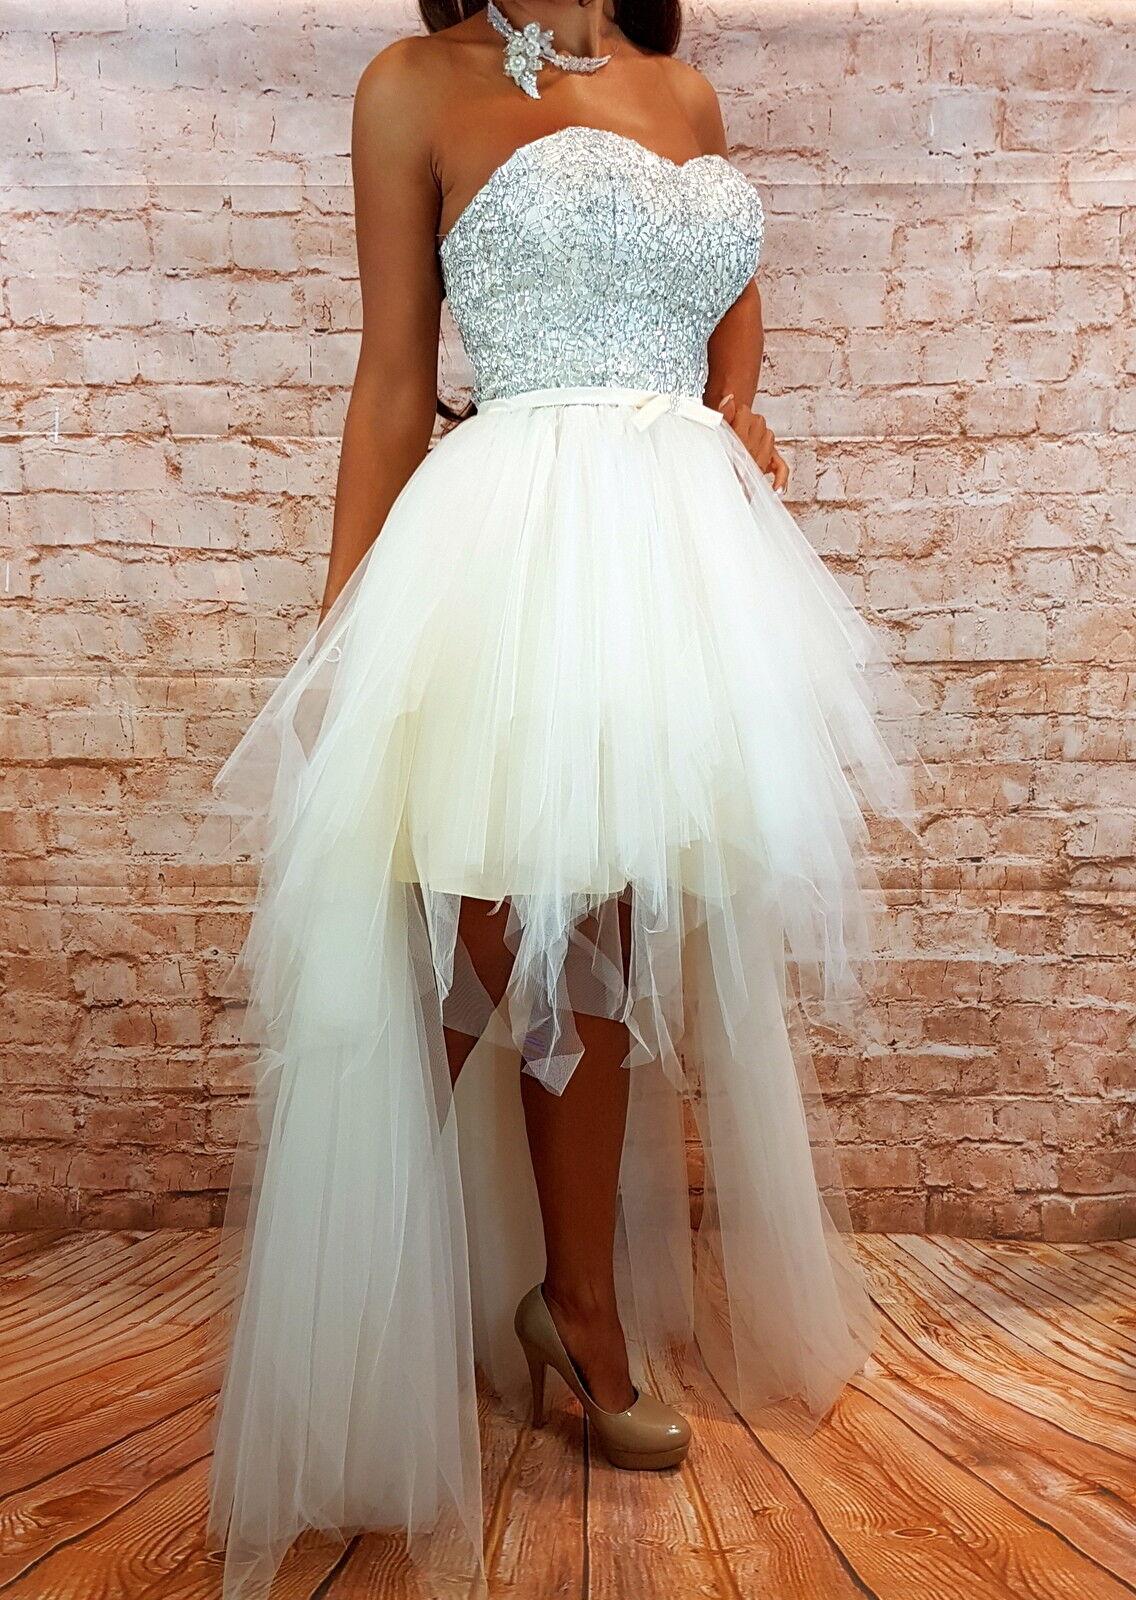 Hochzeitskleid kurz Brautkleid Hochzeit Braut Corsage Kleid Gr.34,36 creme